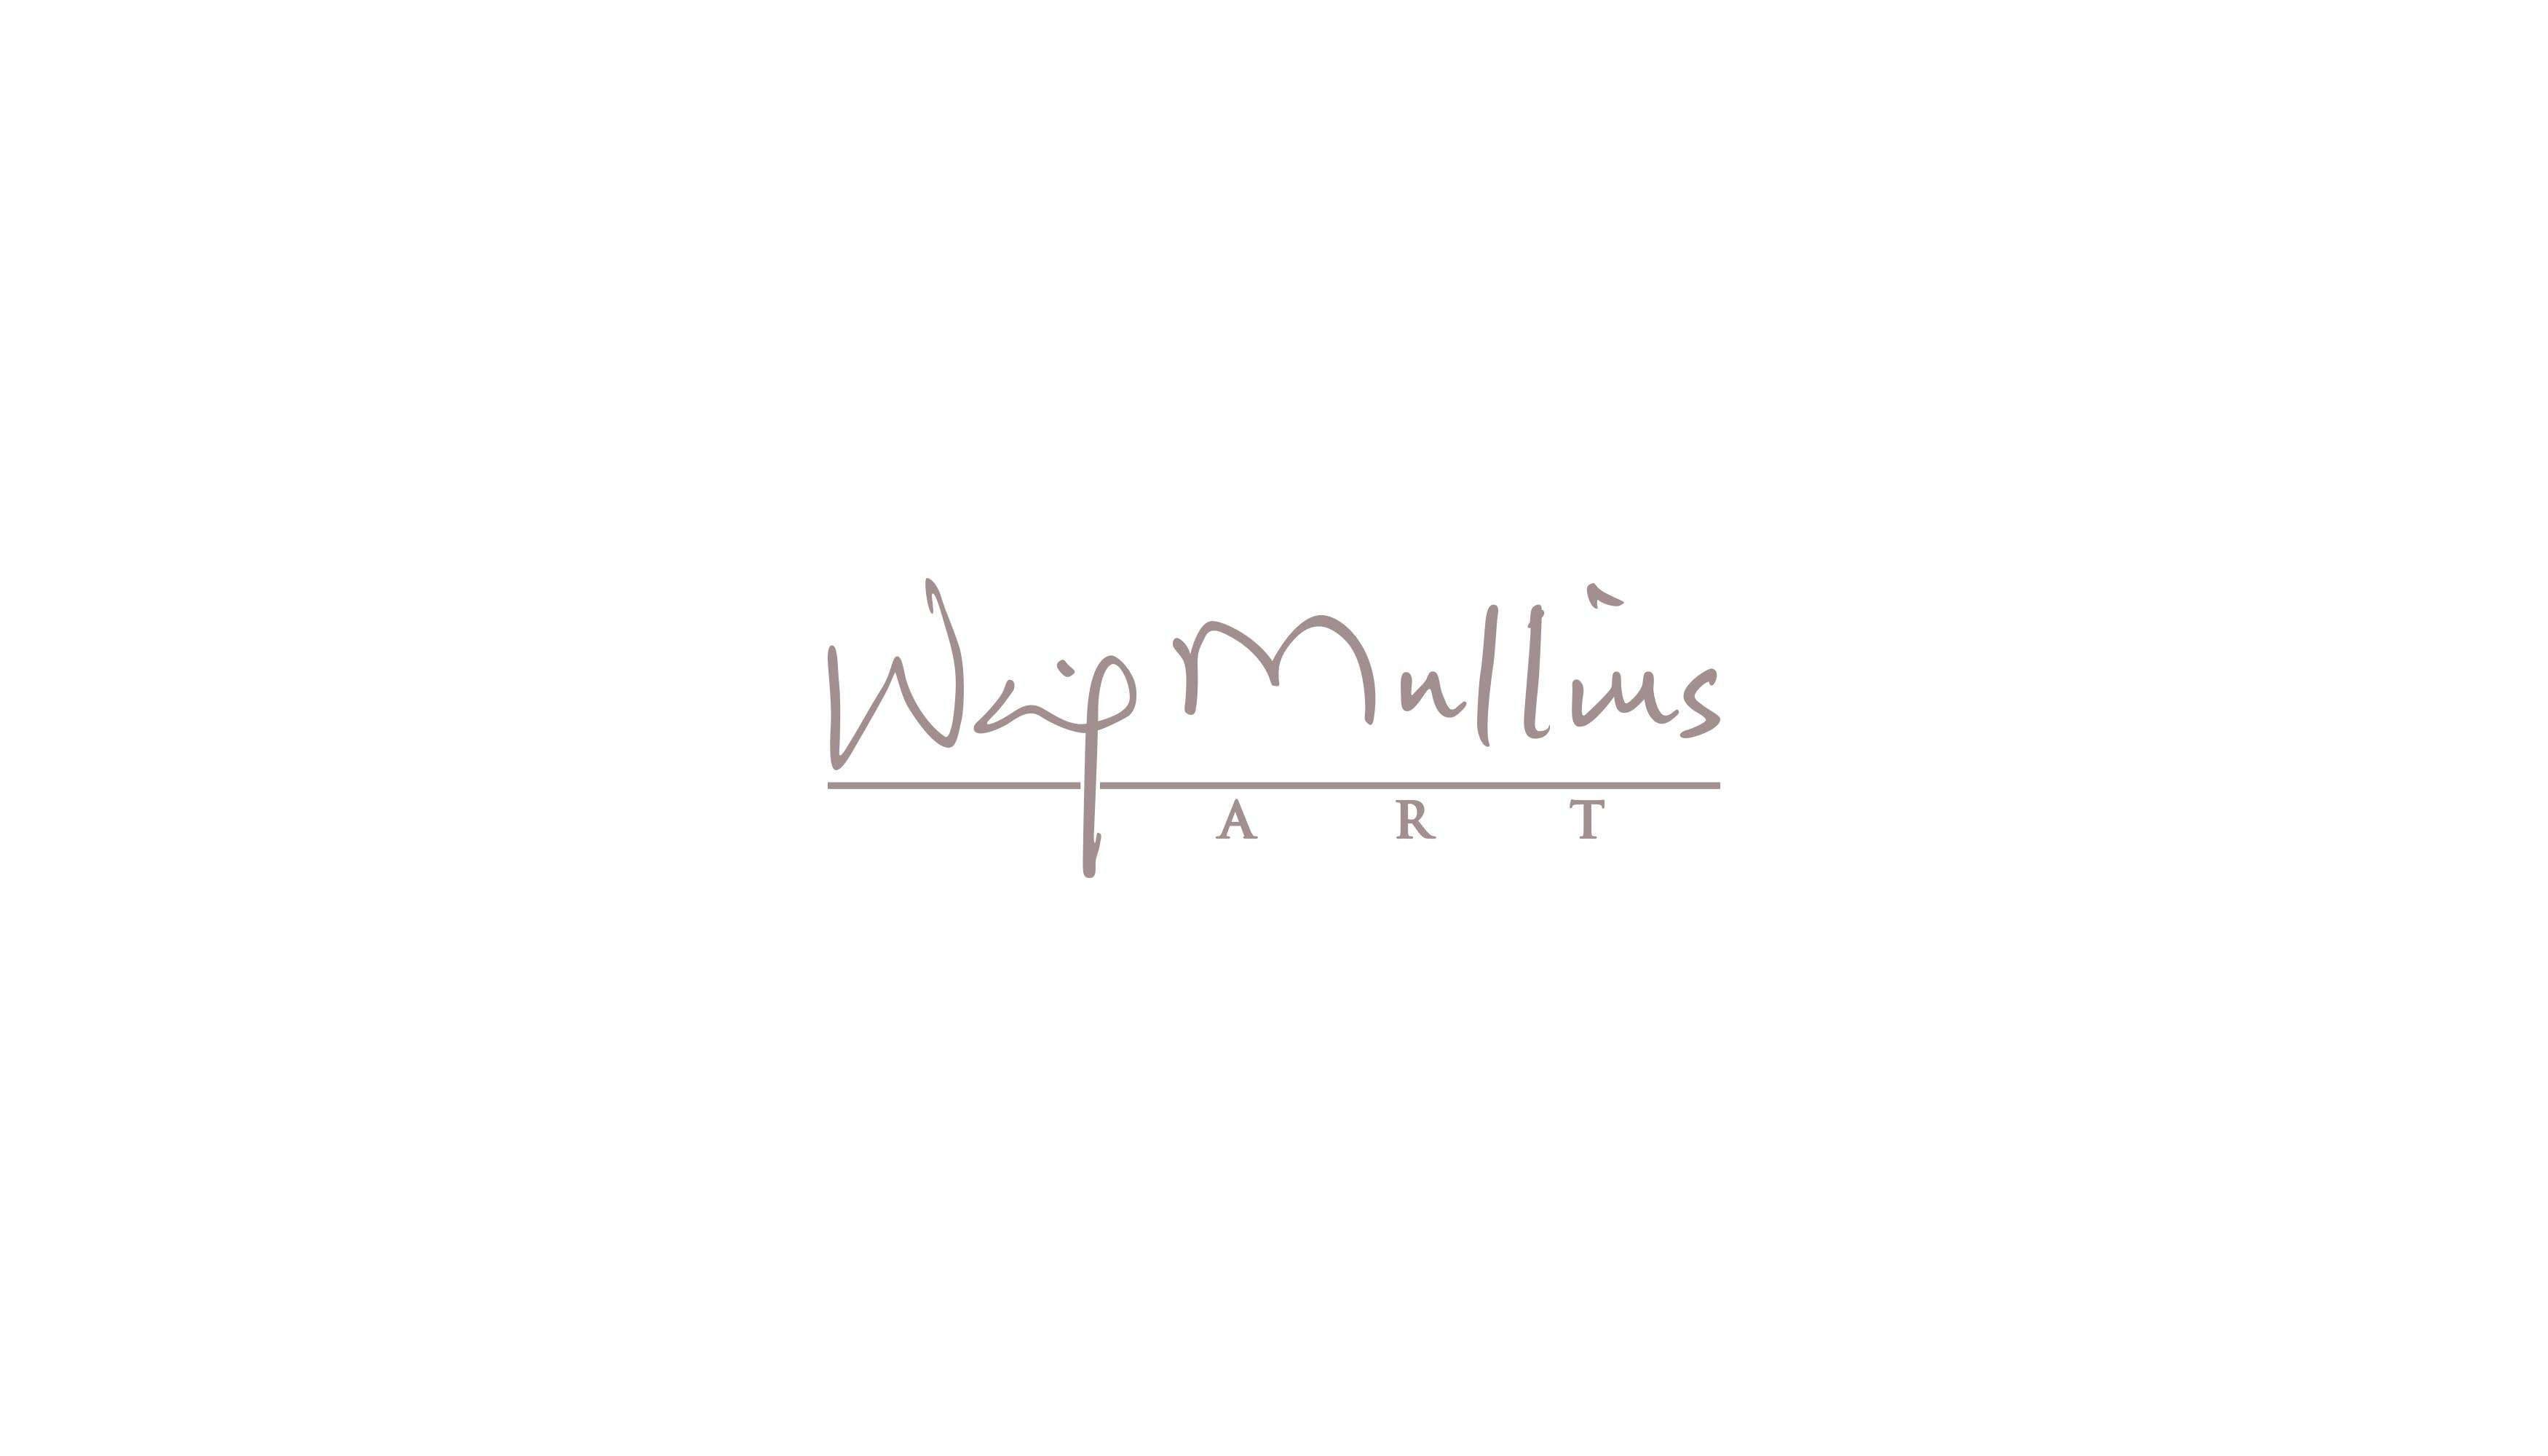 waifmullins